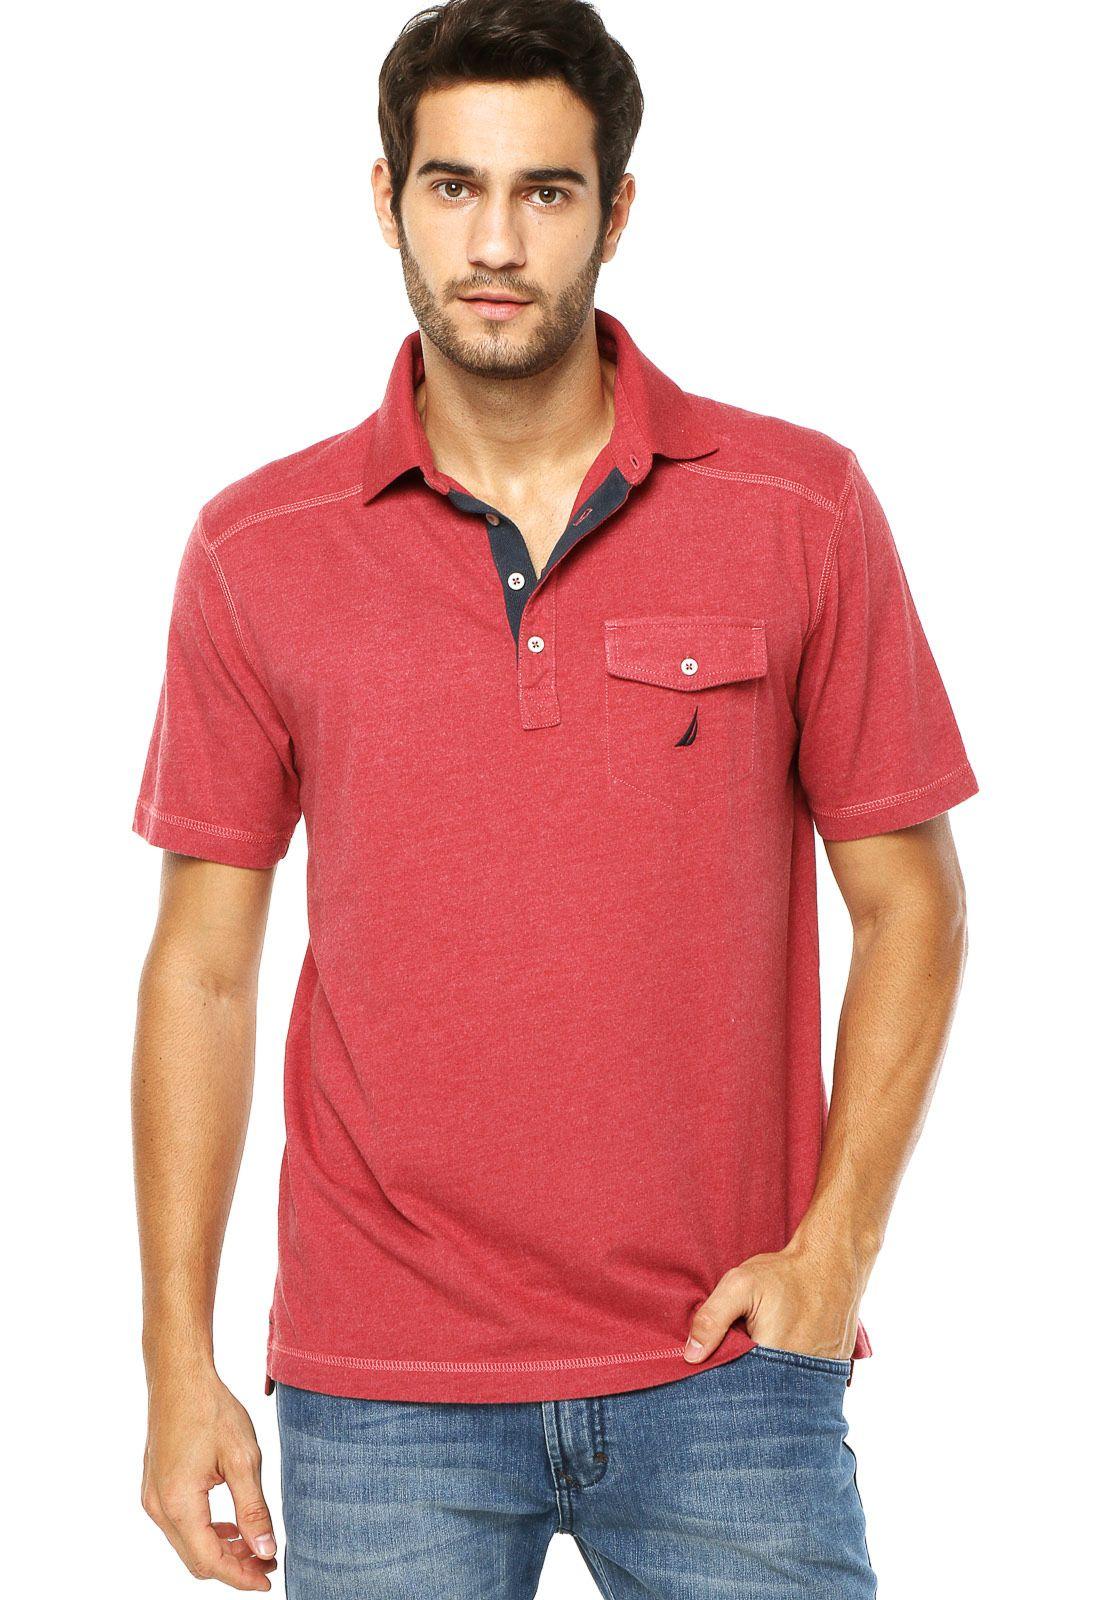 4a160f64f26a9 Camisa Polo Nautica Bolso Vermelha - Compre Agora